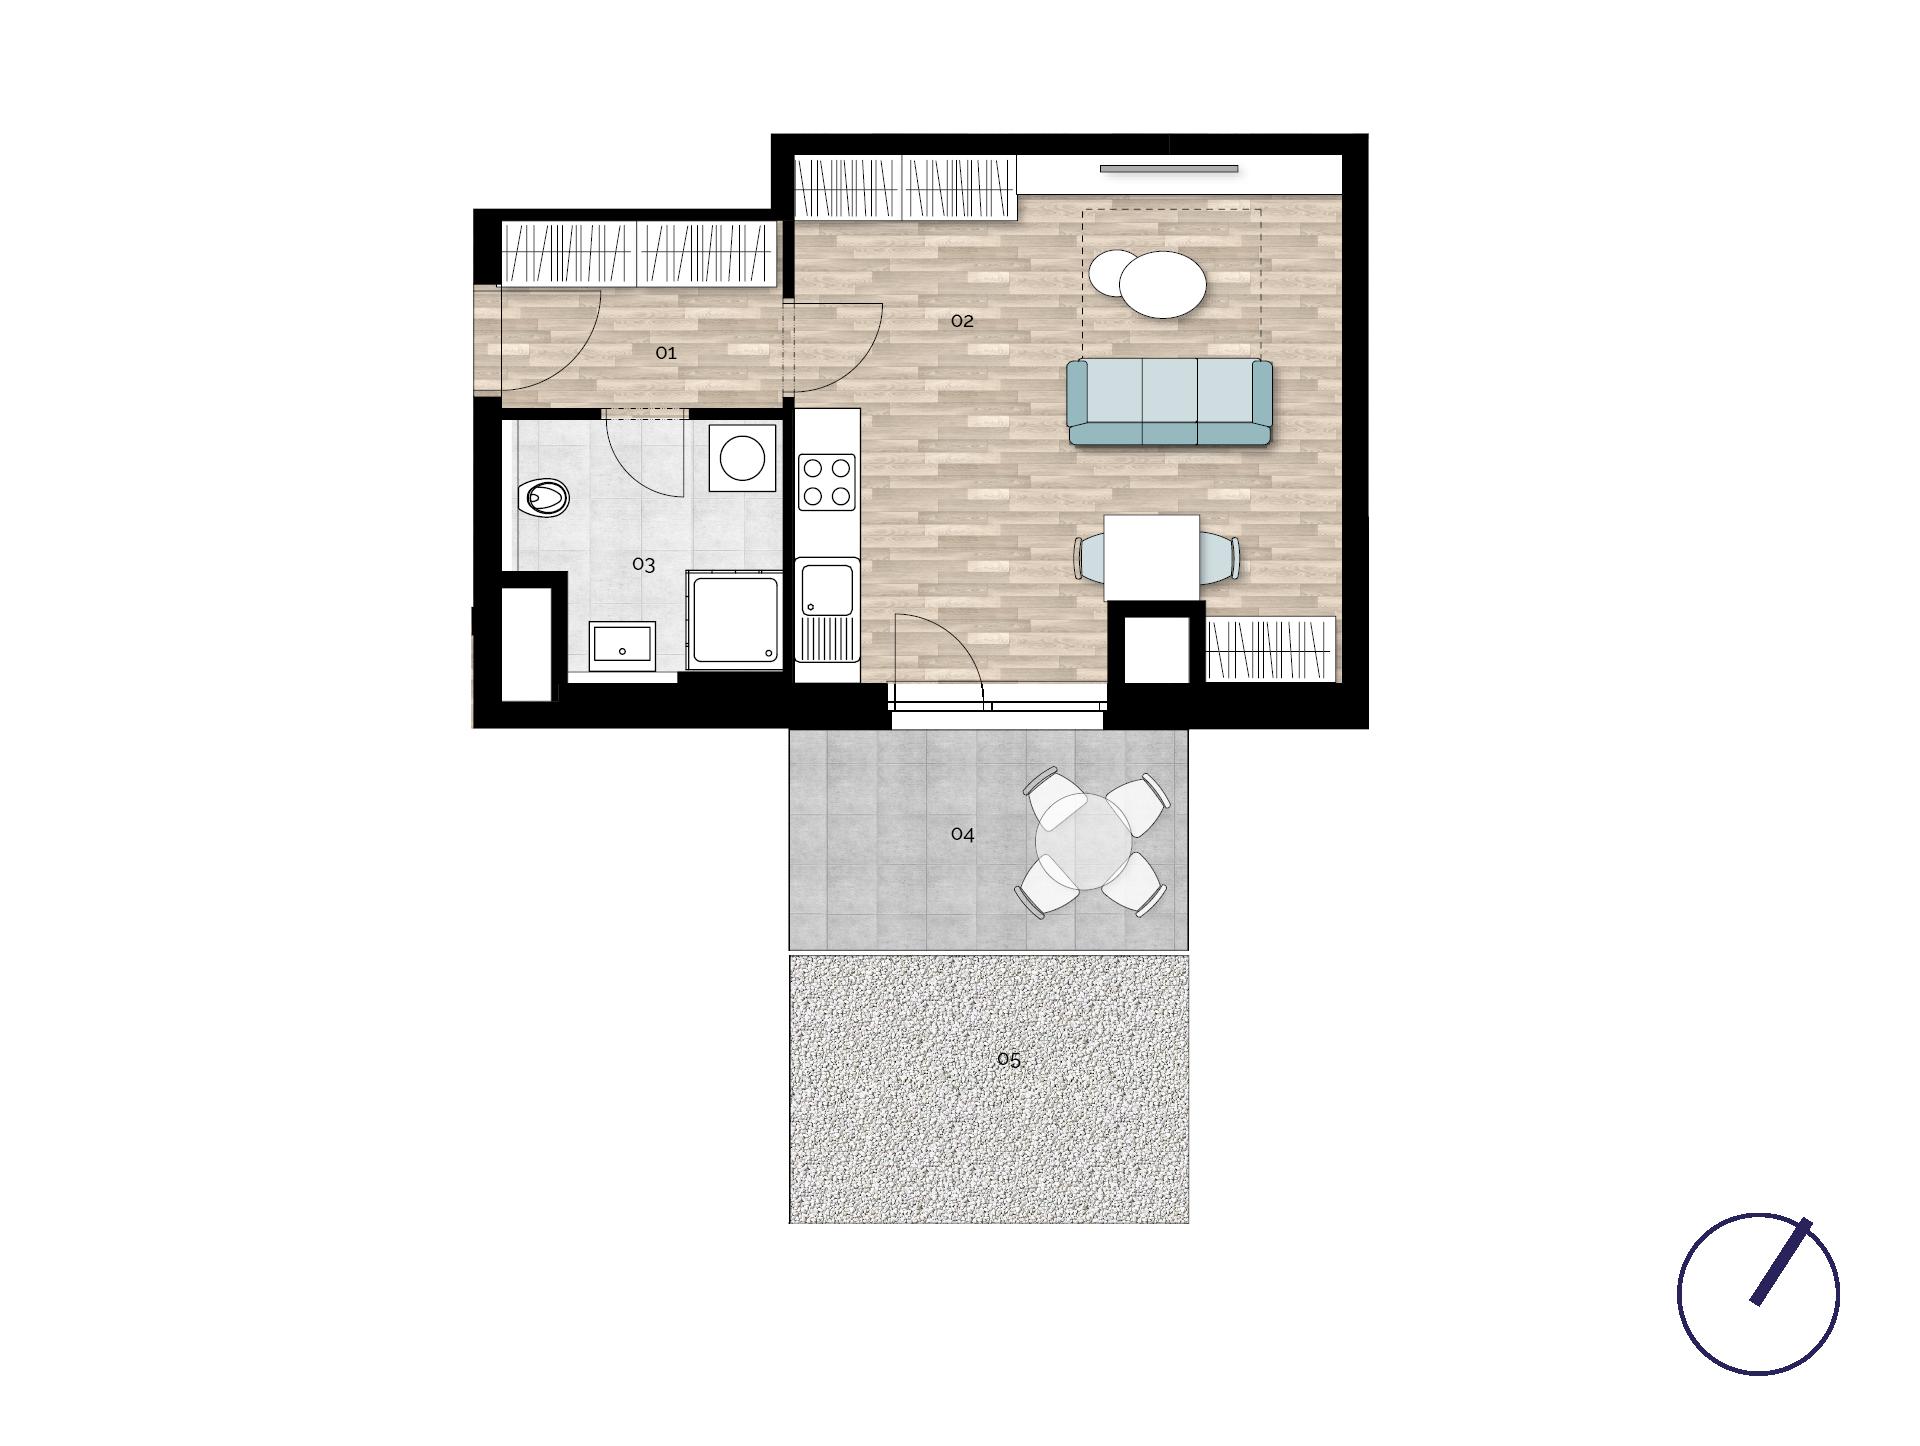 Detail Nemovitosti - Rezidence U Rokytky, Praha 9 2A7 / 2. NP